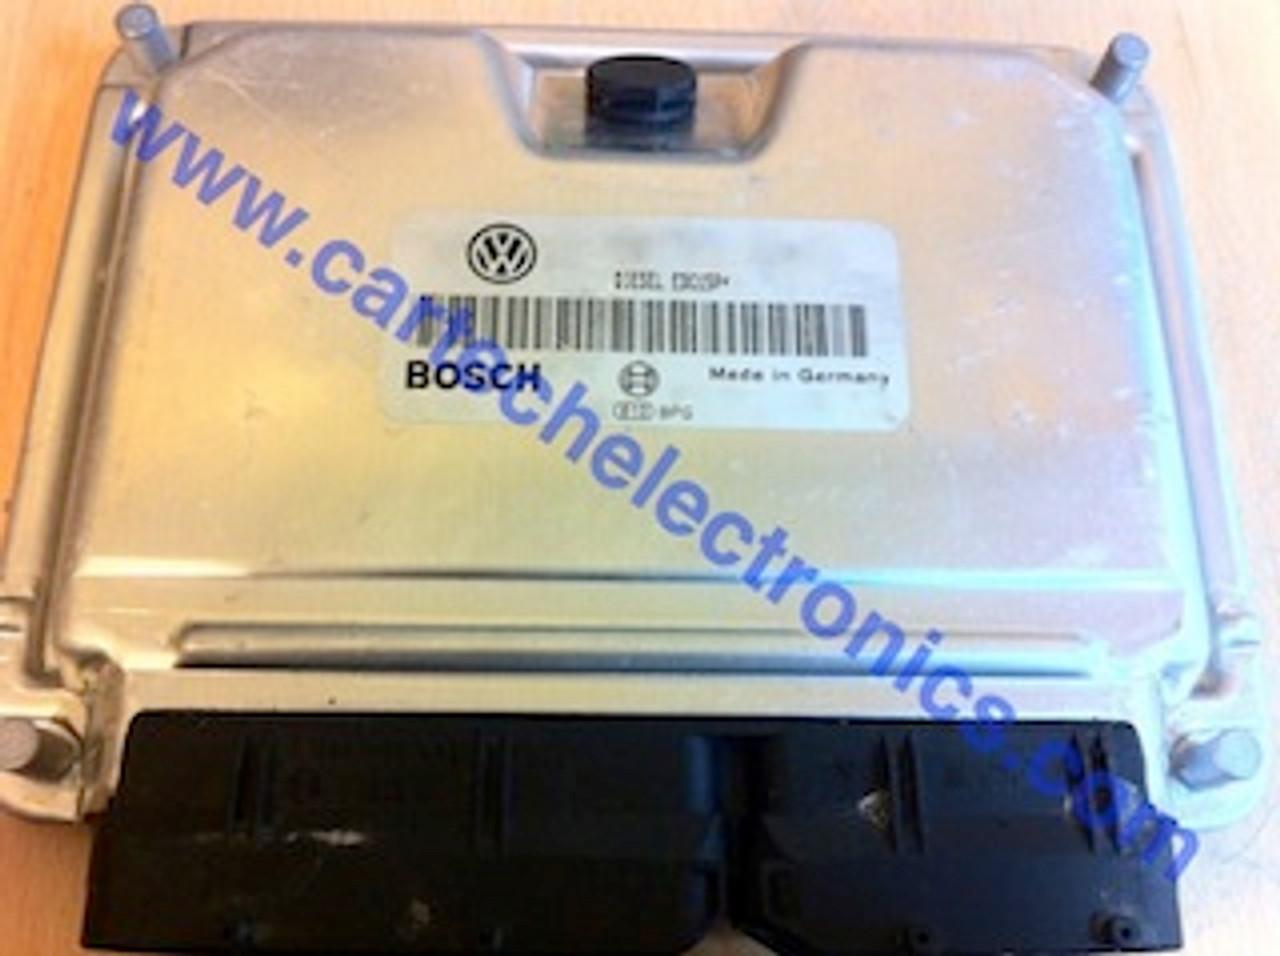 VW Sharan, Ford Galaxy 1.9 TDI, 0281011144, 0281 011 144, 038906019LQ, 038 906 019 LQ, EDC15P+